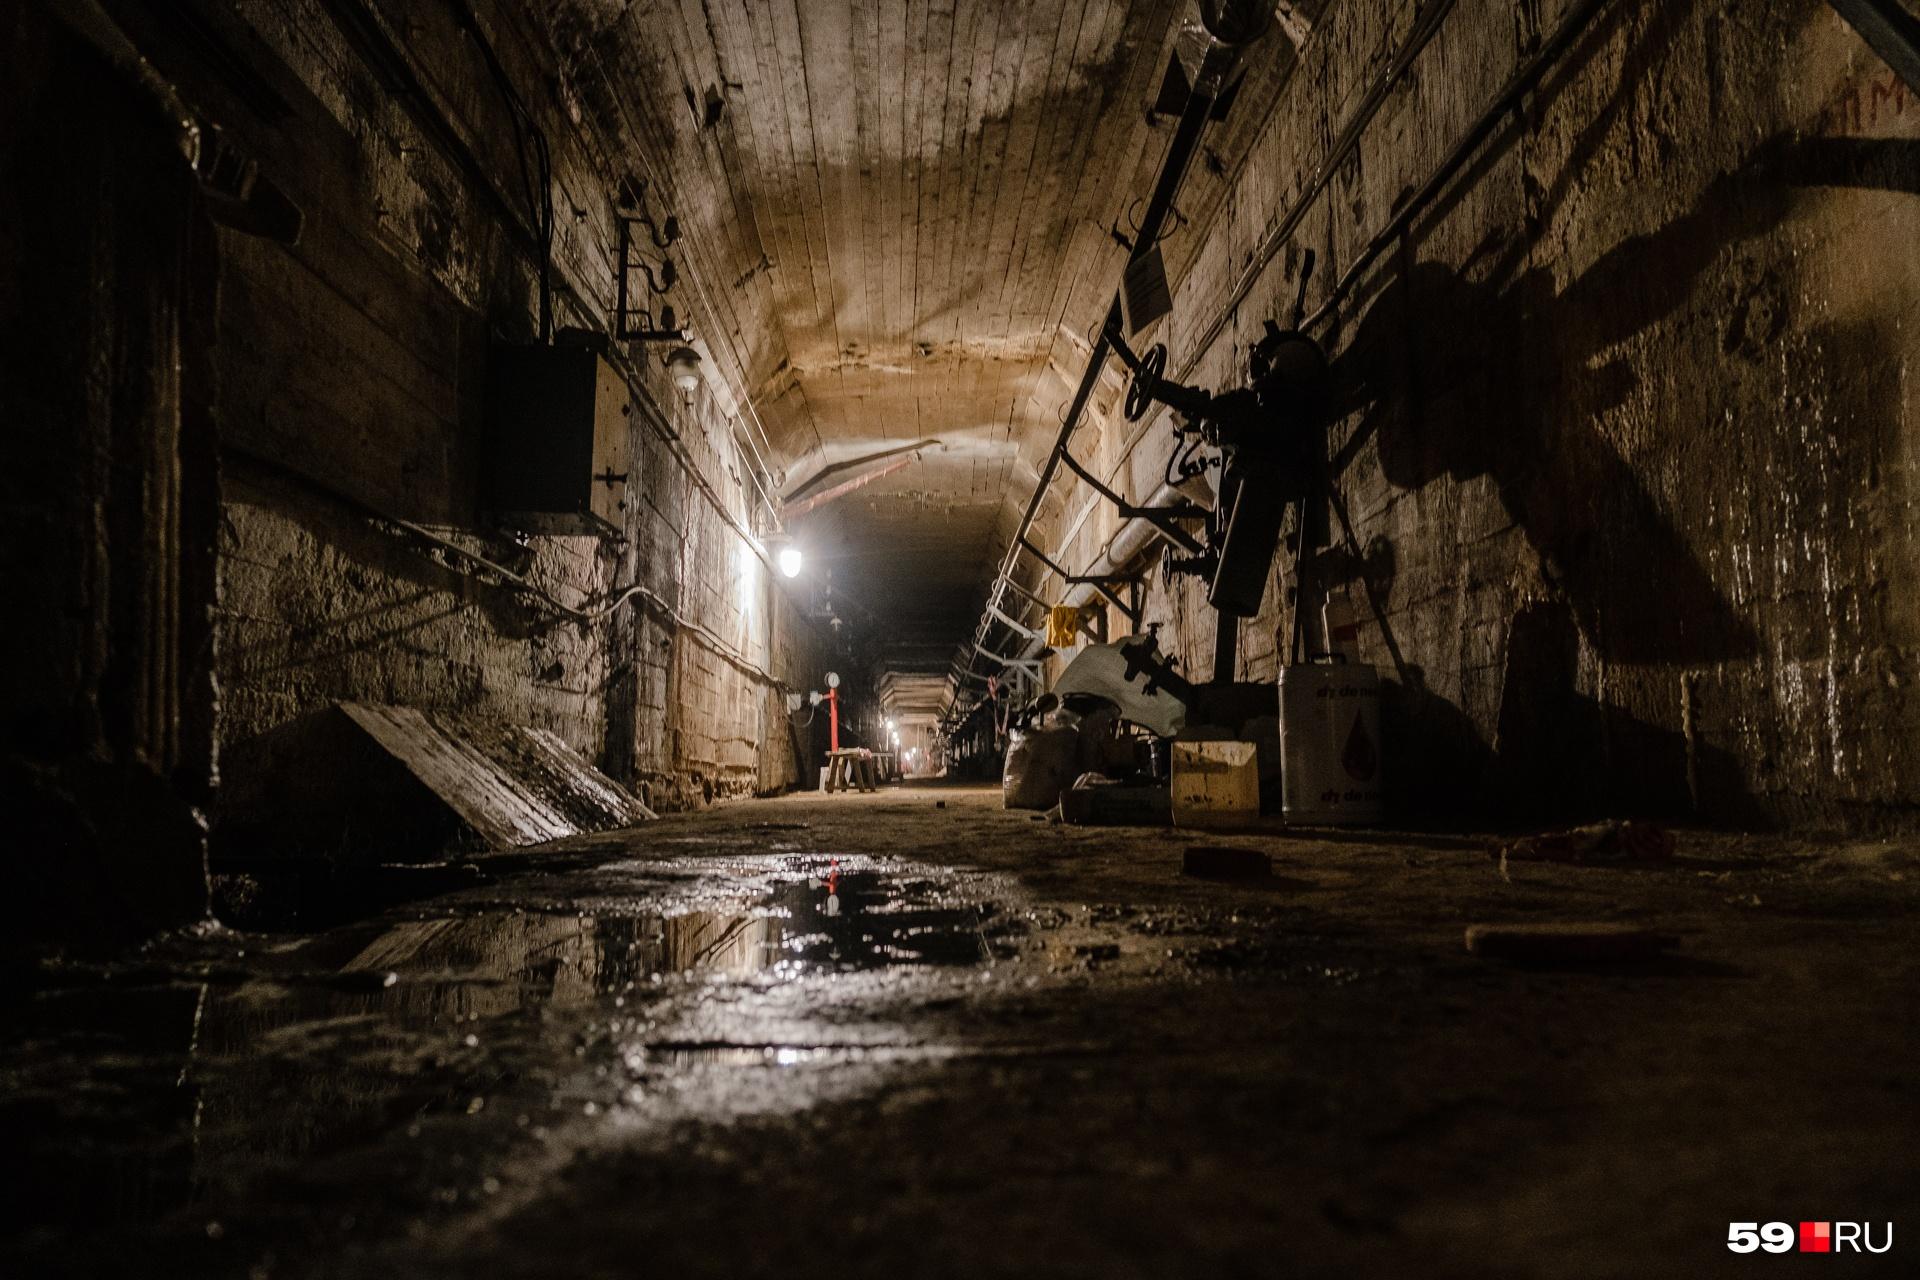 Вода здесь везде — даже в тоннелях